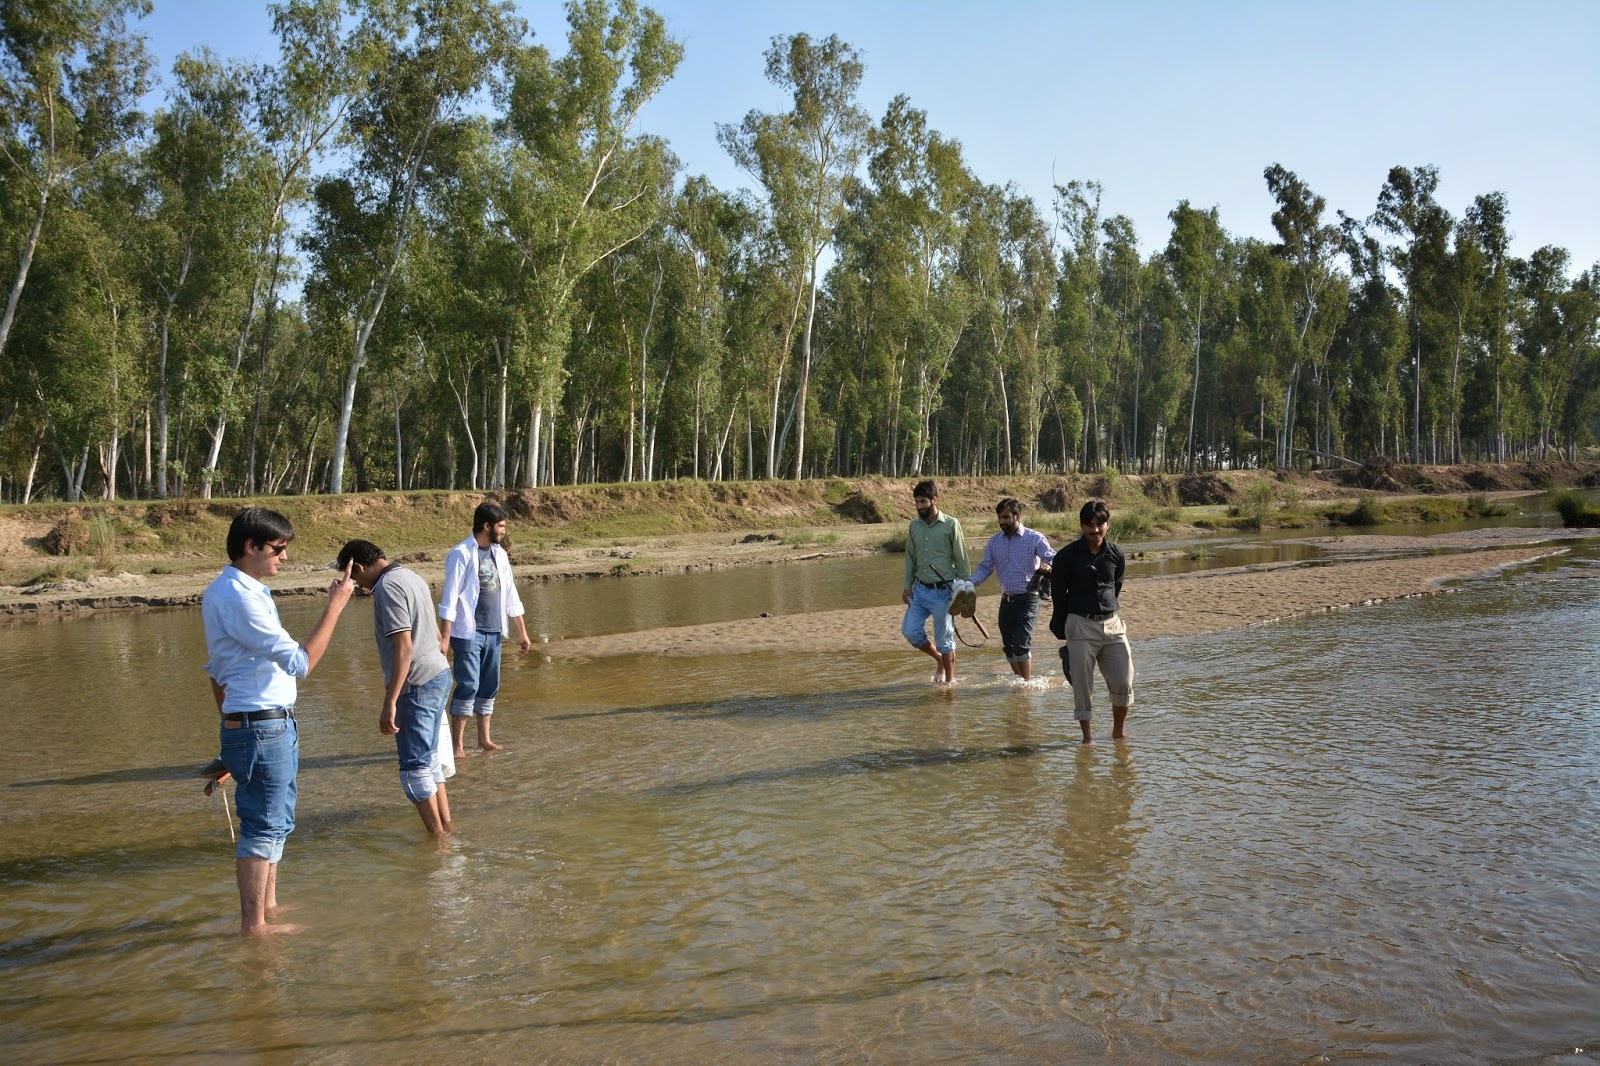 Basantar river in Barapind